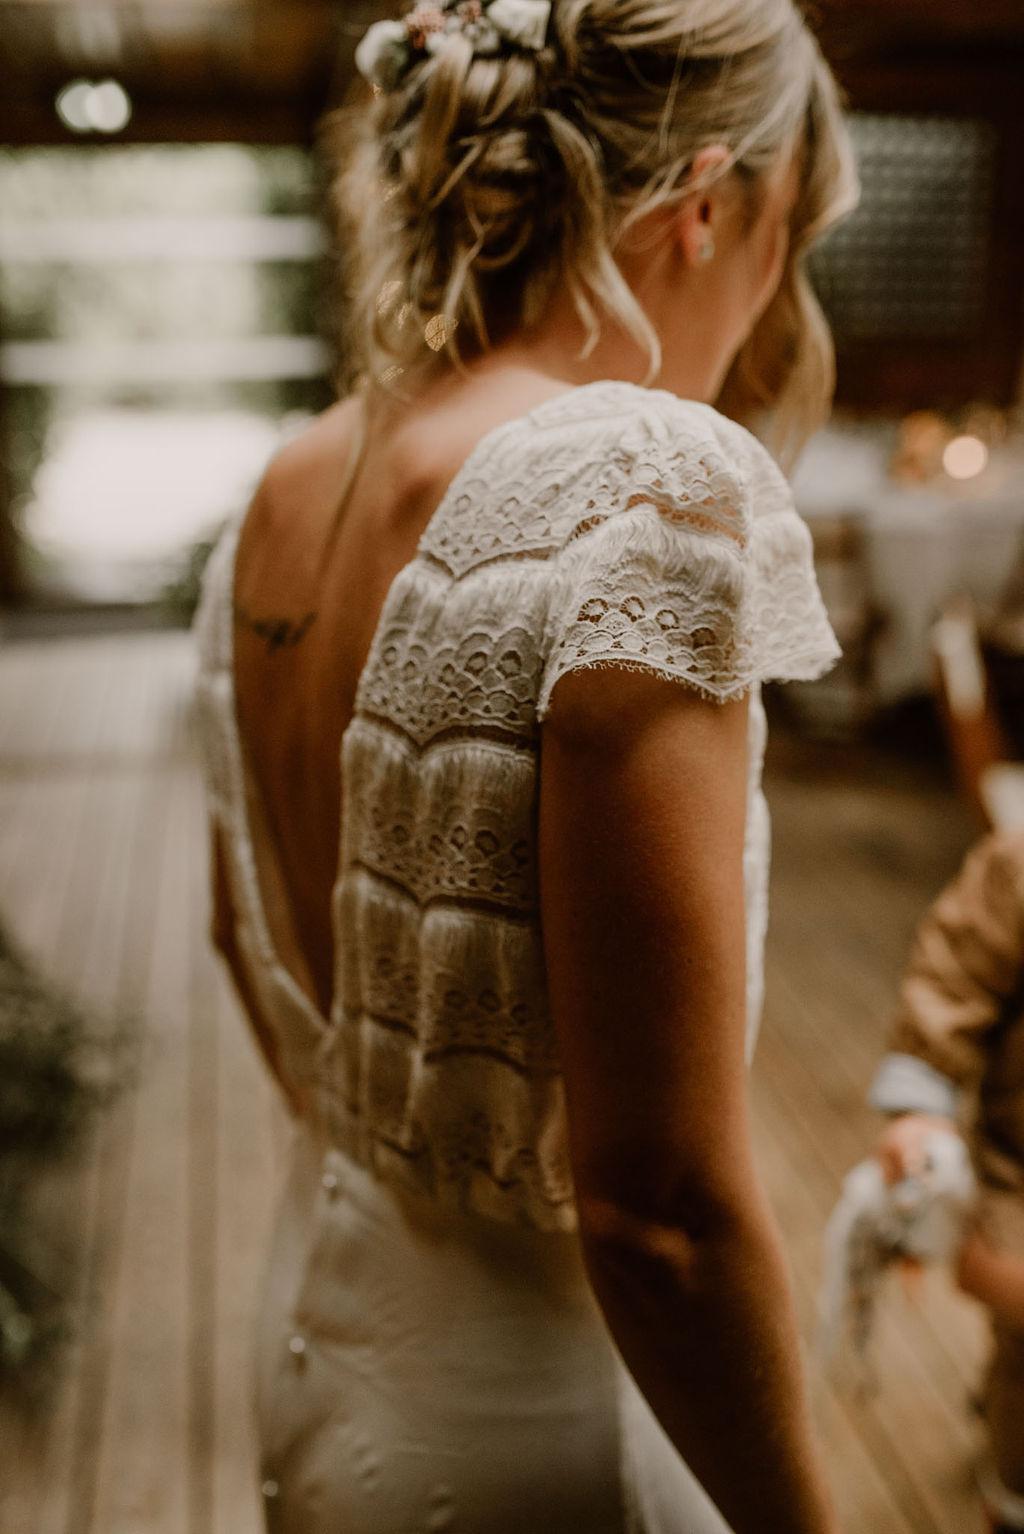 robe de mariee dentelle laure de Sagazan